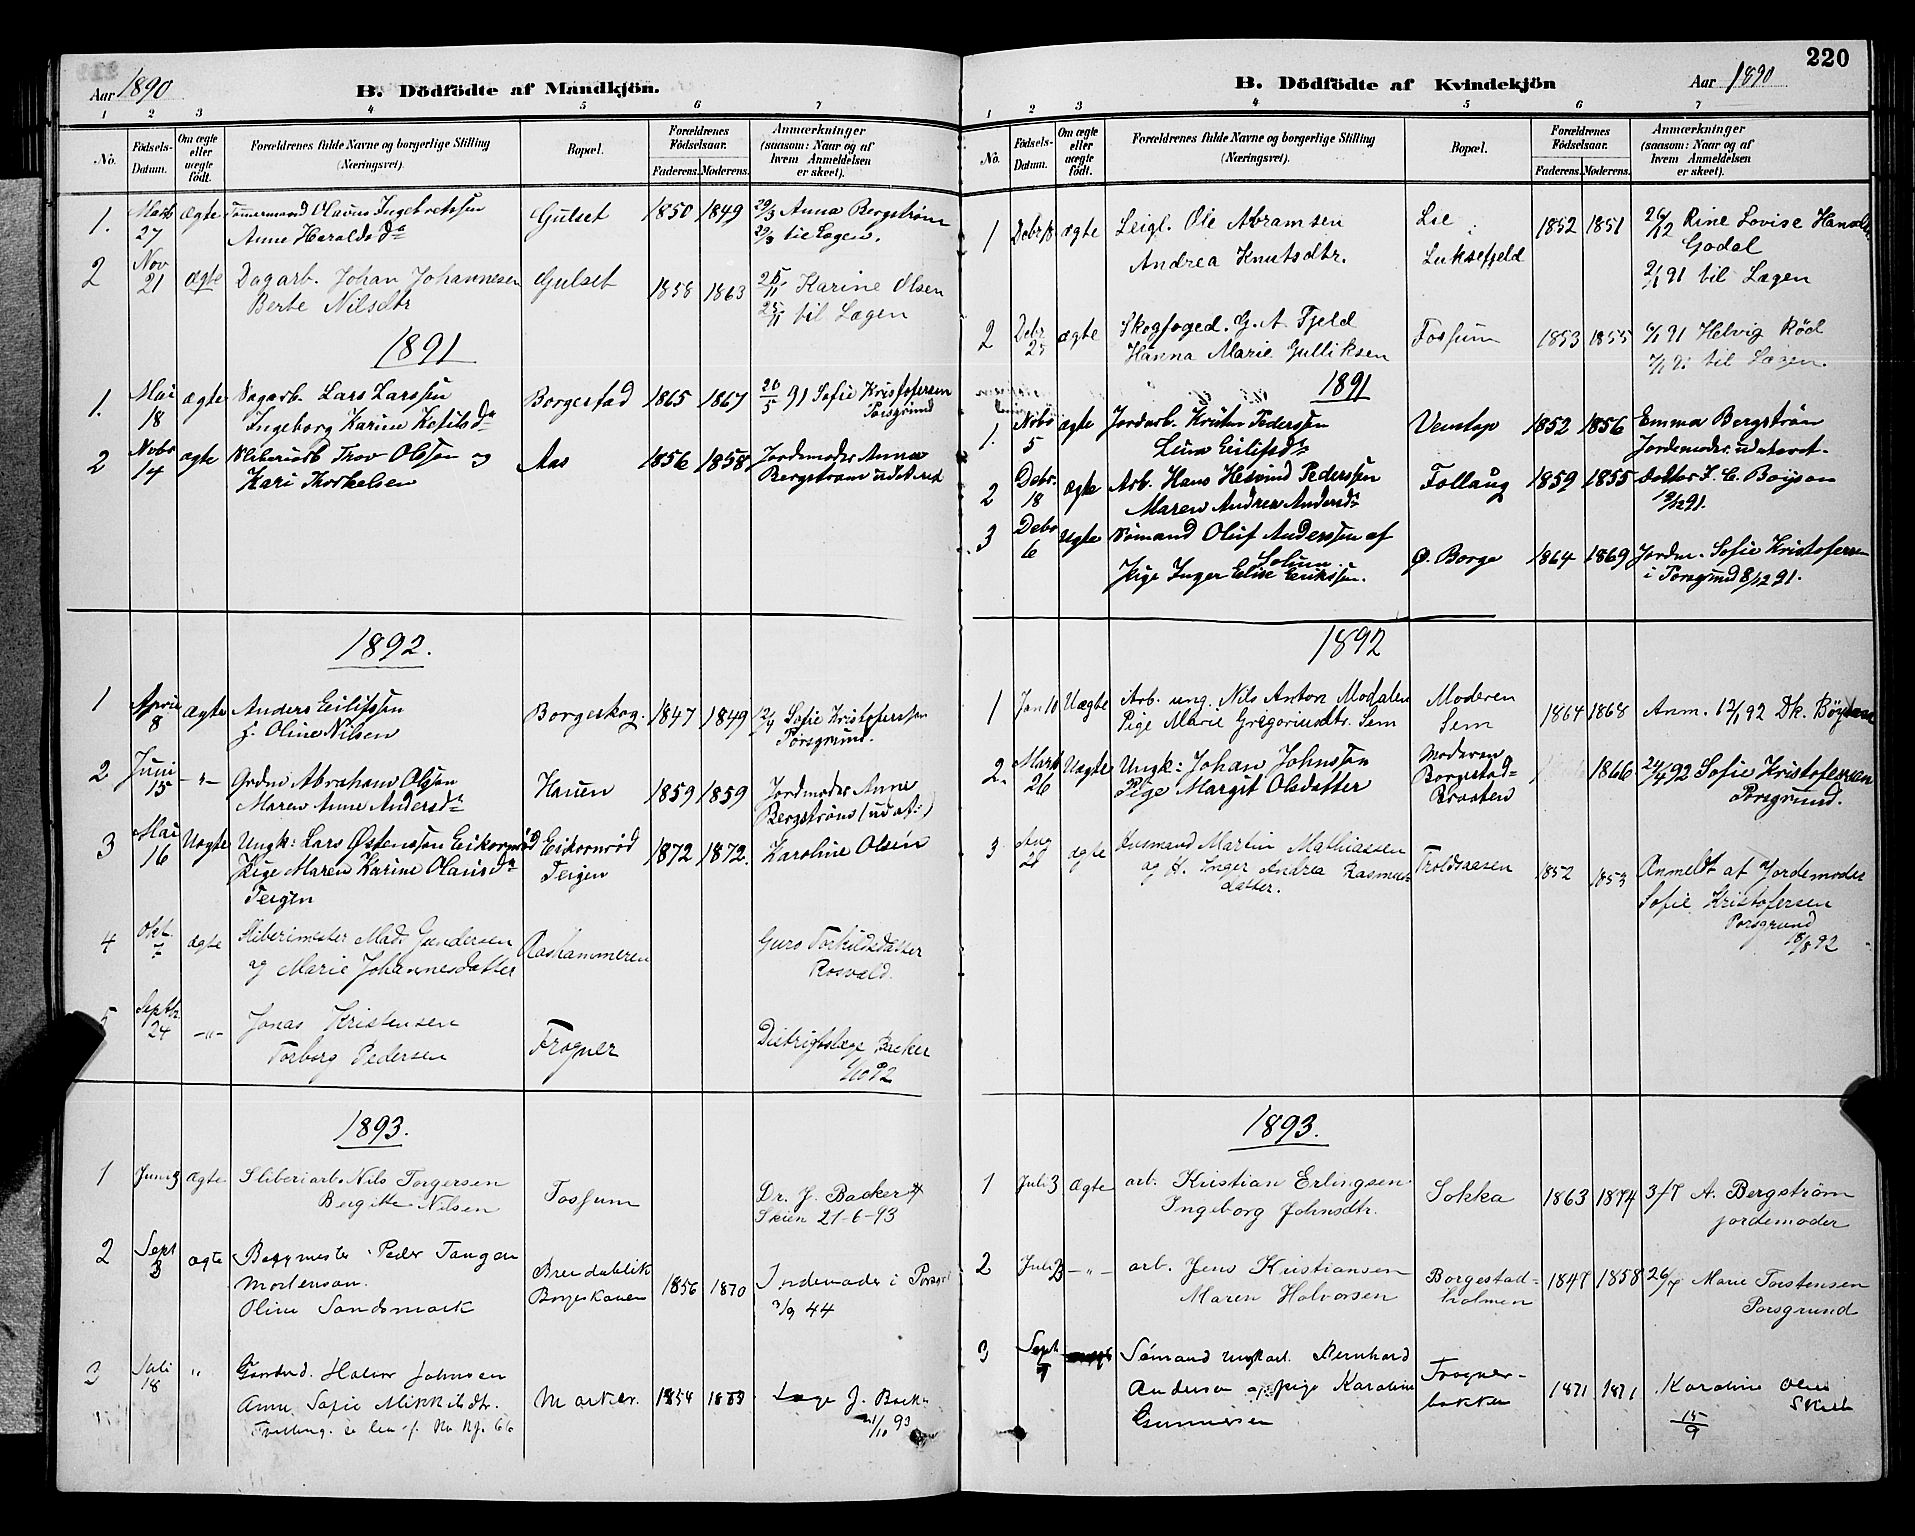 SAKO, Gjerpen kirkebøker, G/Ga/L0002: Klokkerbok nr. I 2, 1883-1900, s. 220